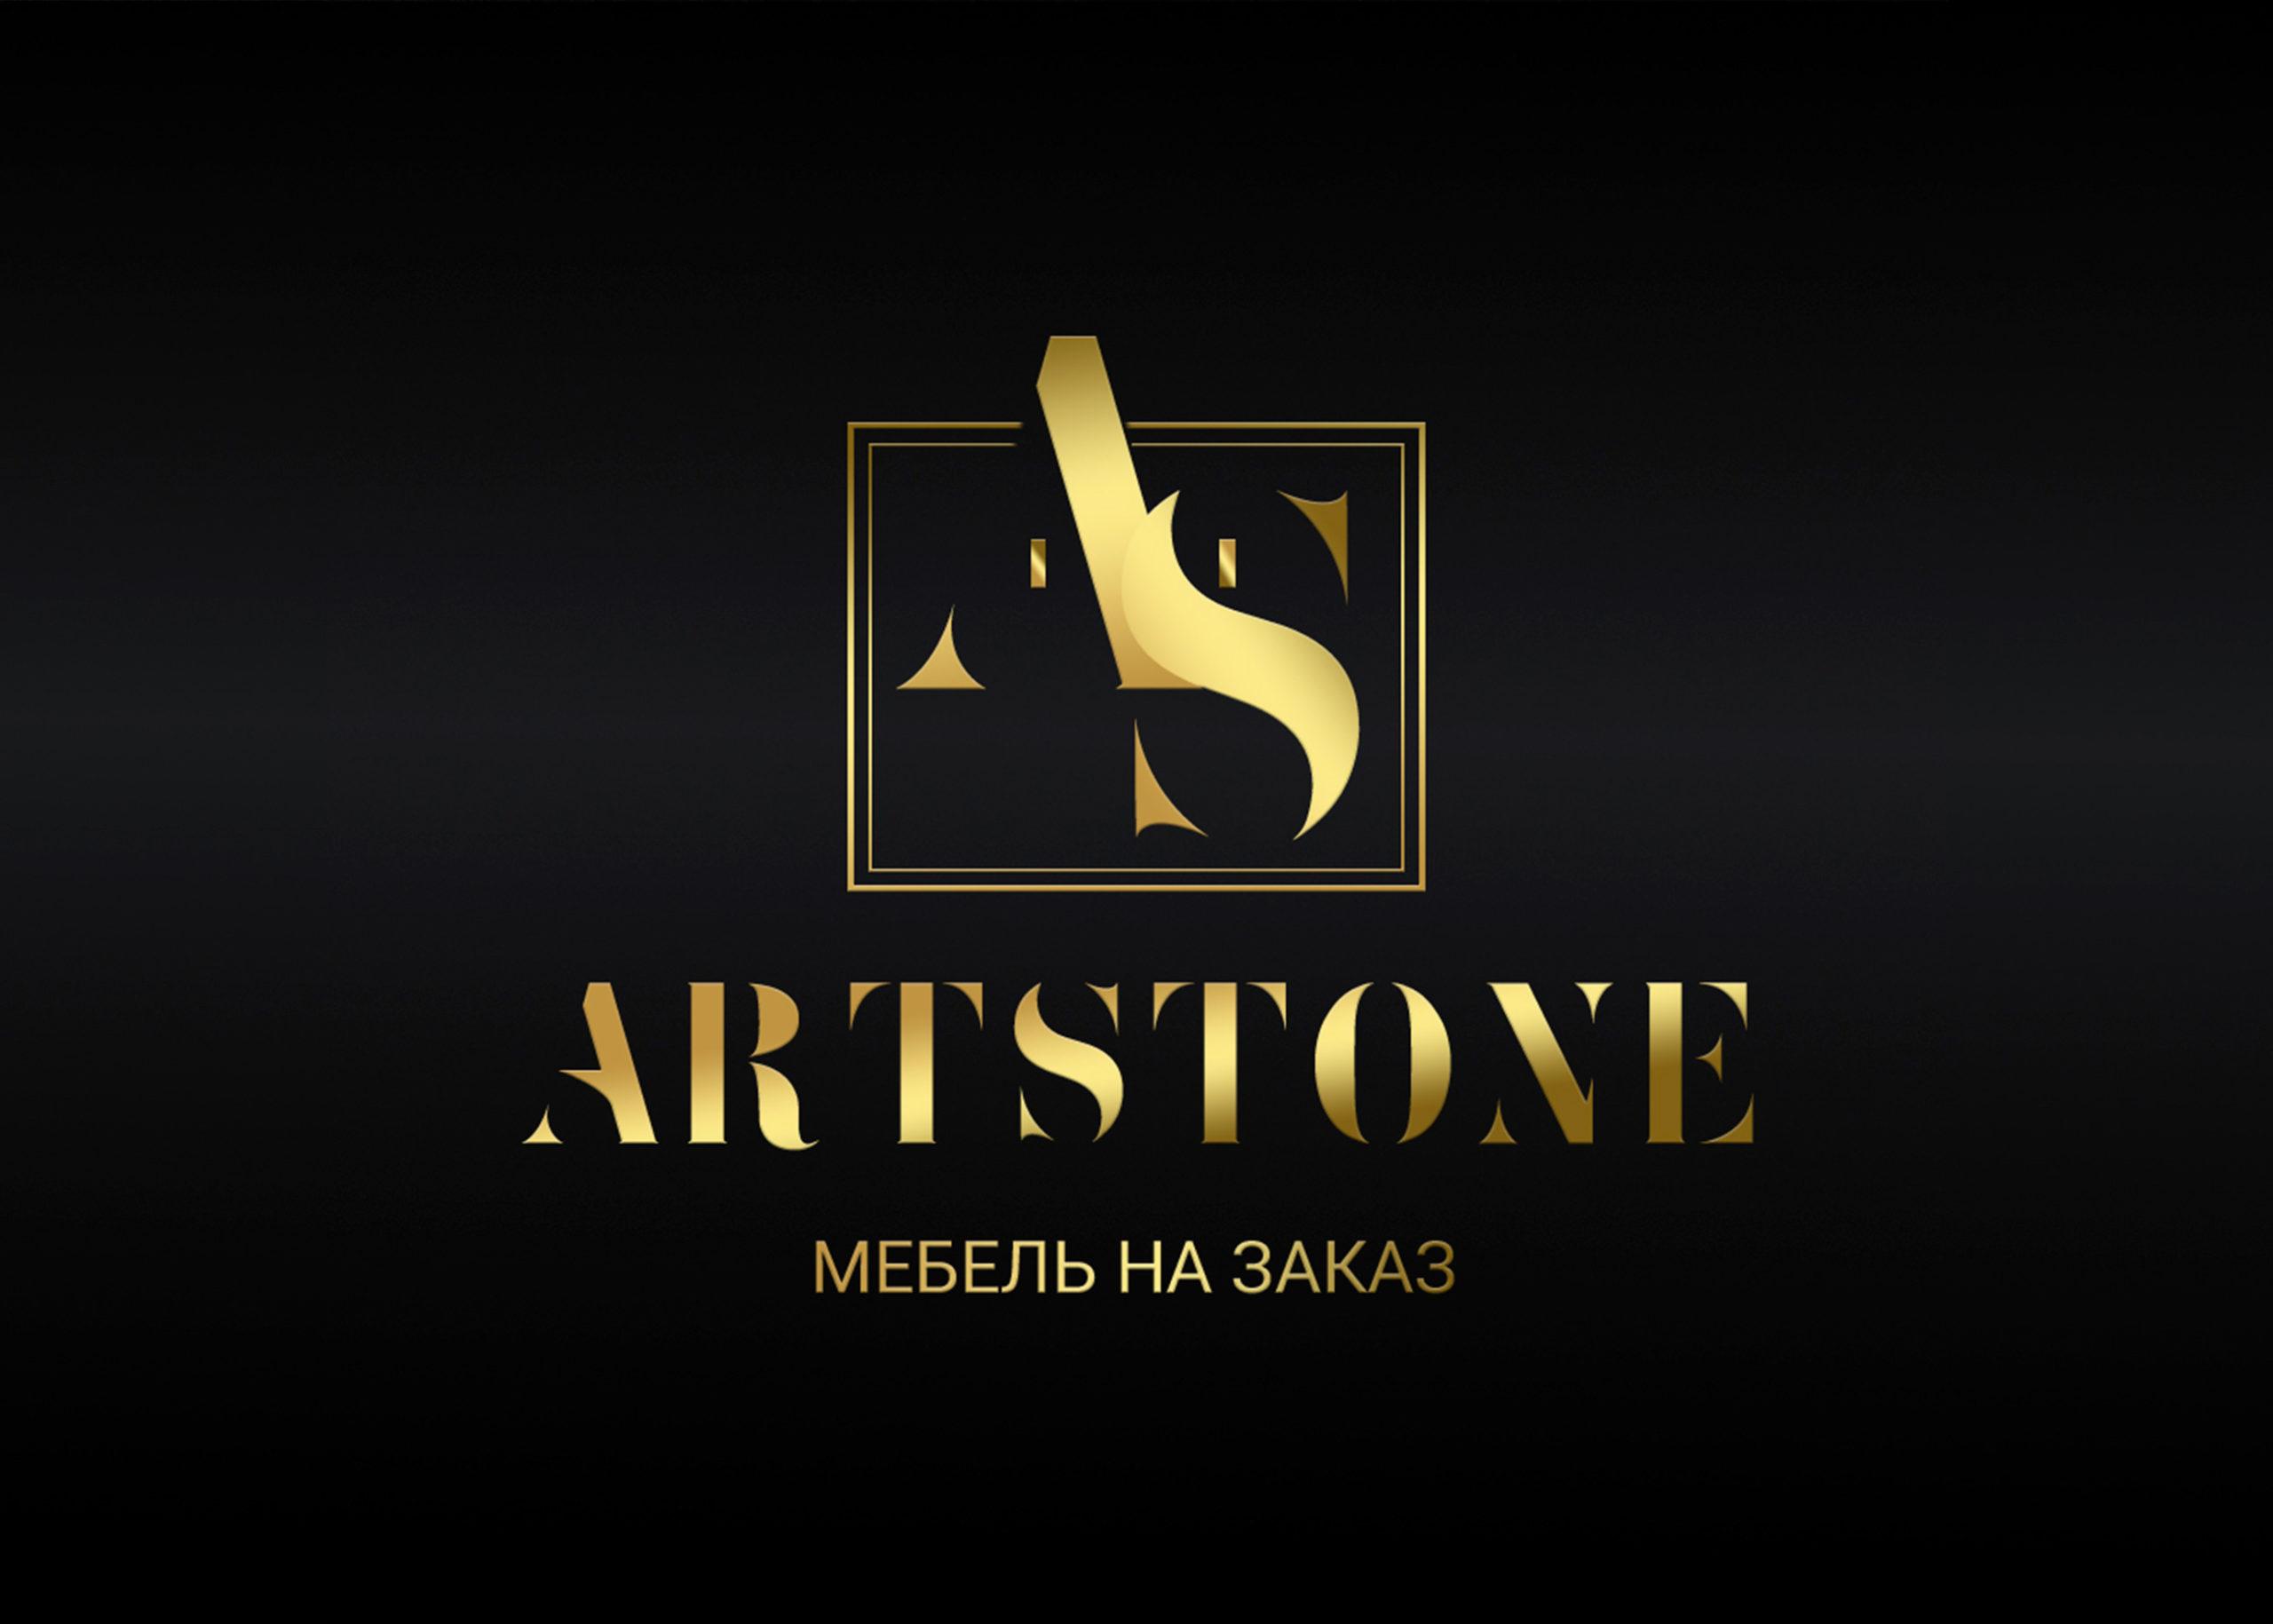 логотип мебельной компании артстоун